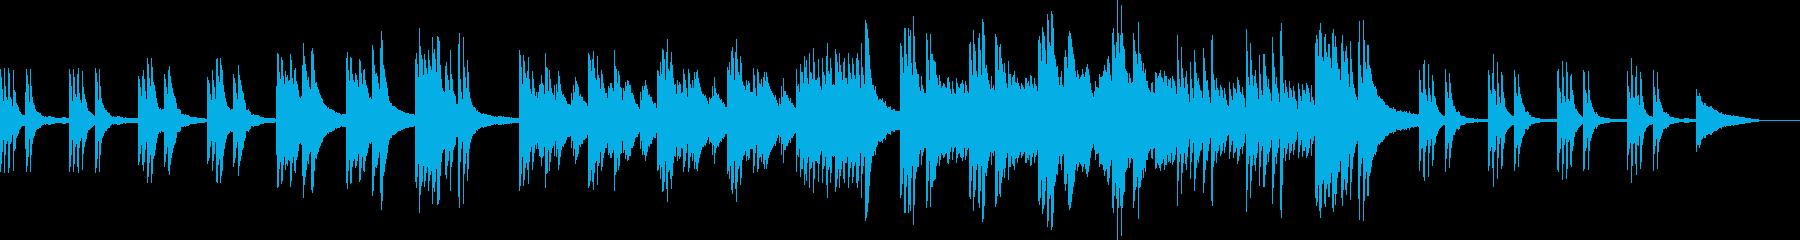 少し重い感じのシンプルなピアノ曲ですの再生済みの波形